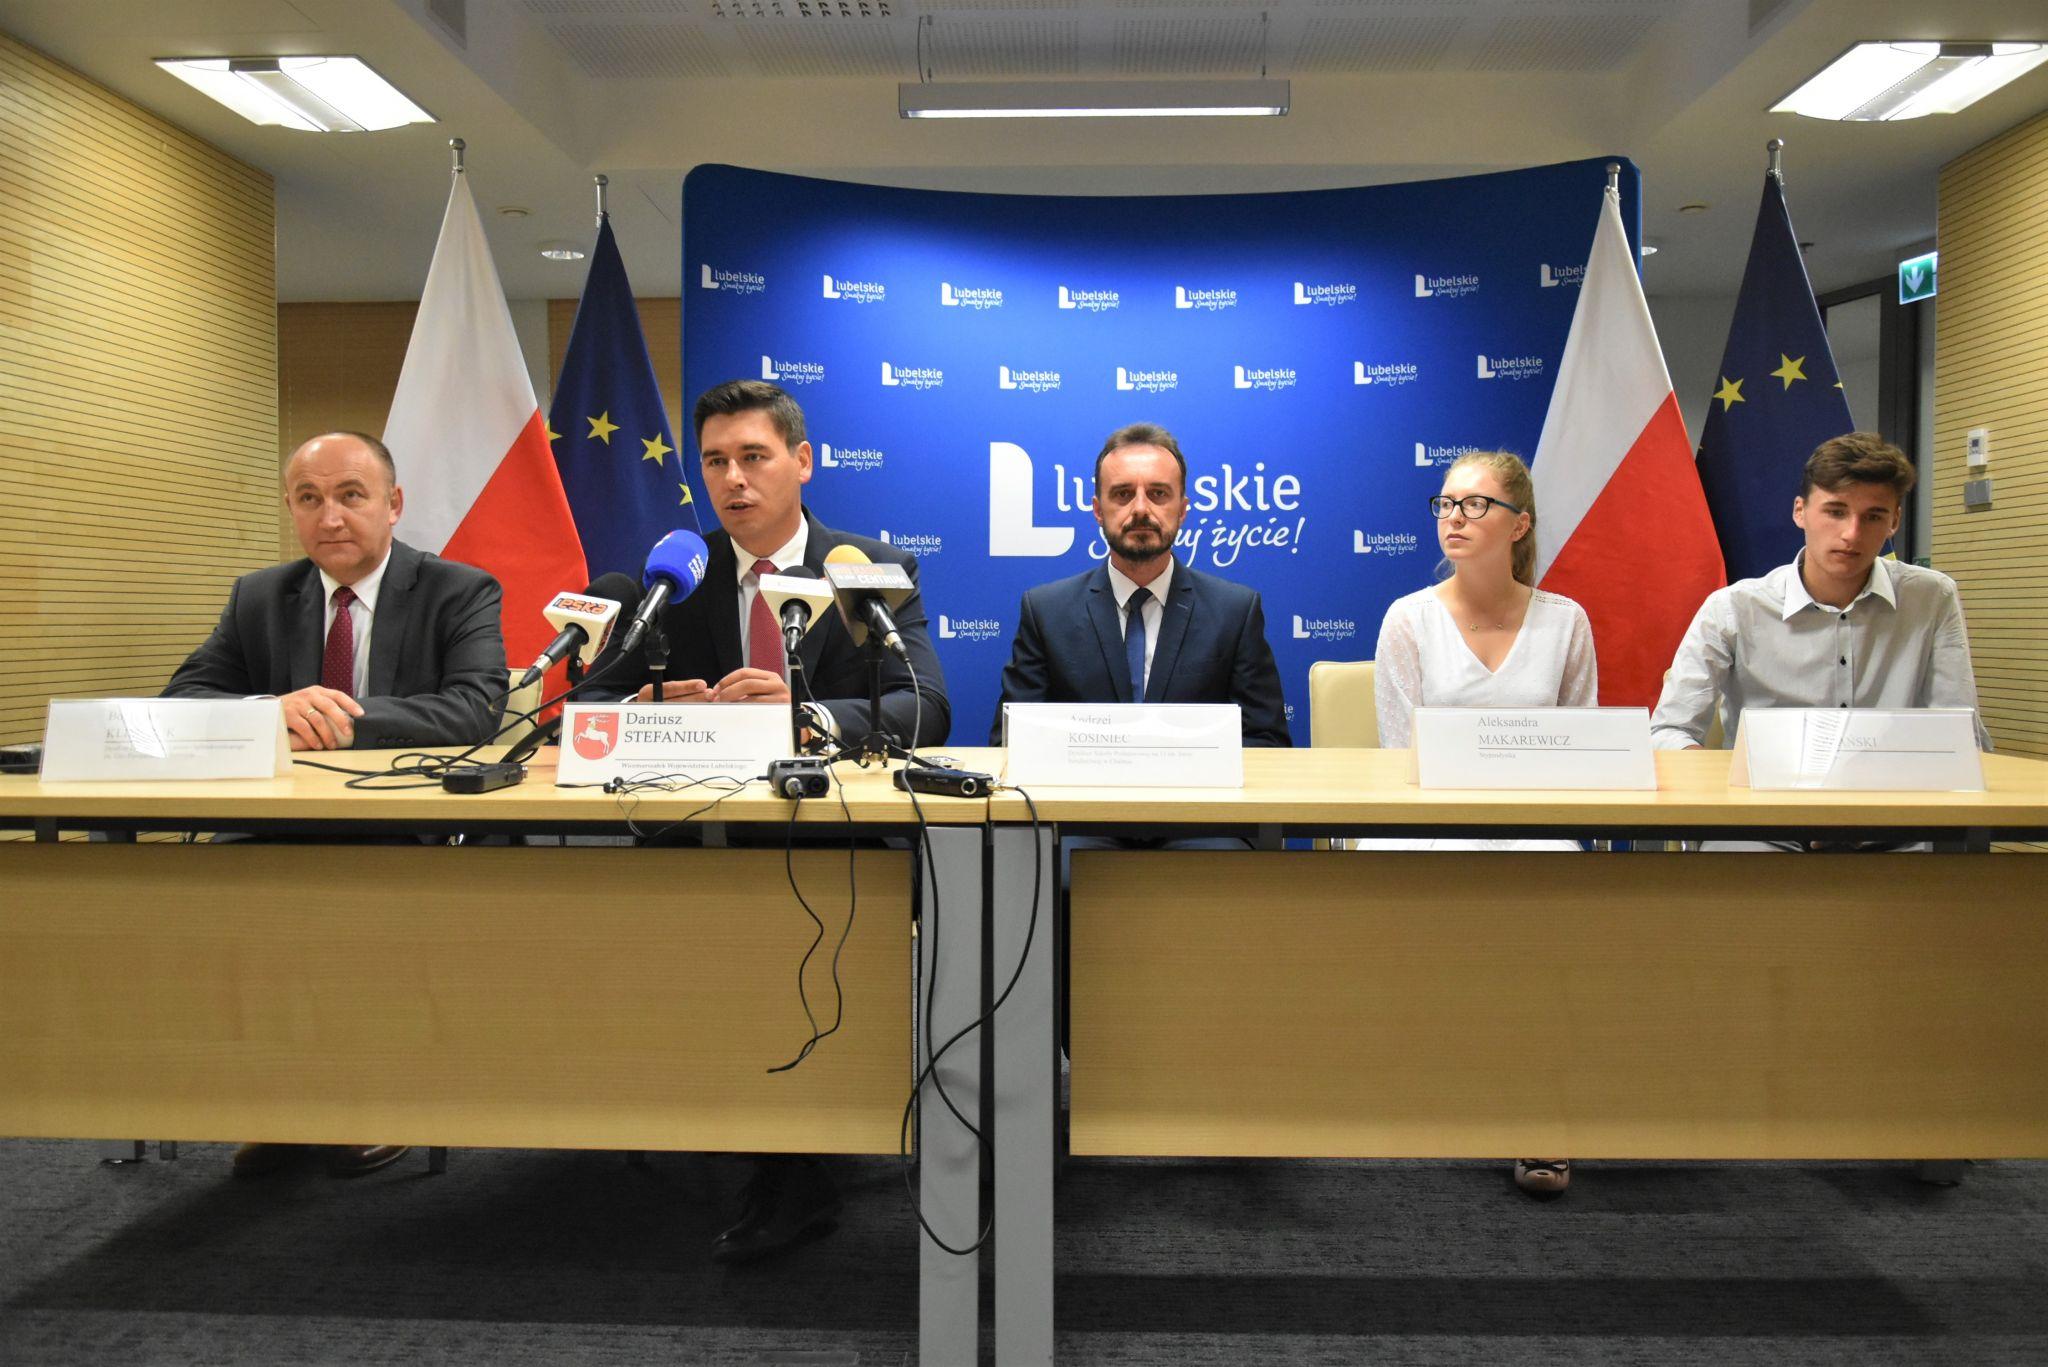 stypendysci 1 Stypendia dla uzdolnionej młodzieży z woj. lubelskiego. Trwa nabór wniosków